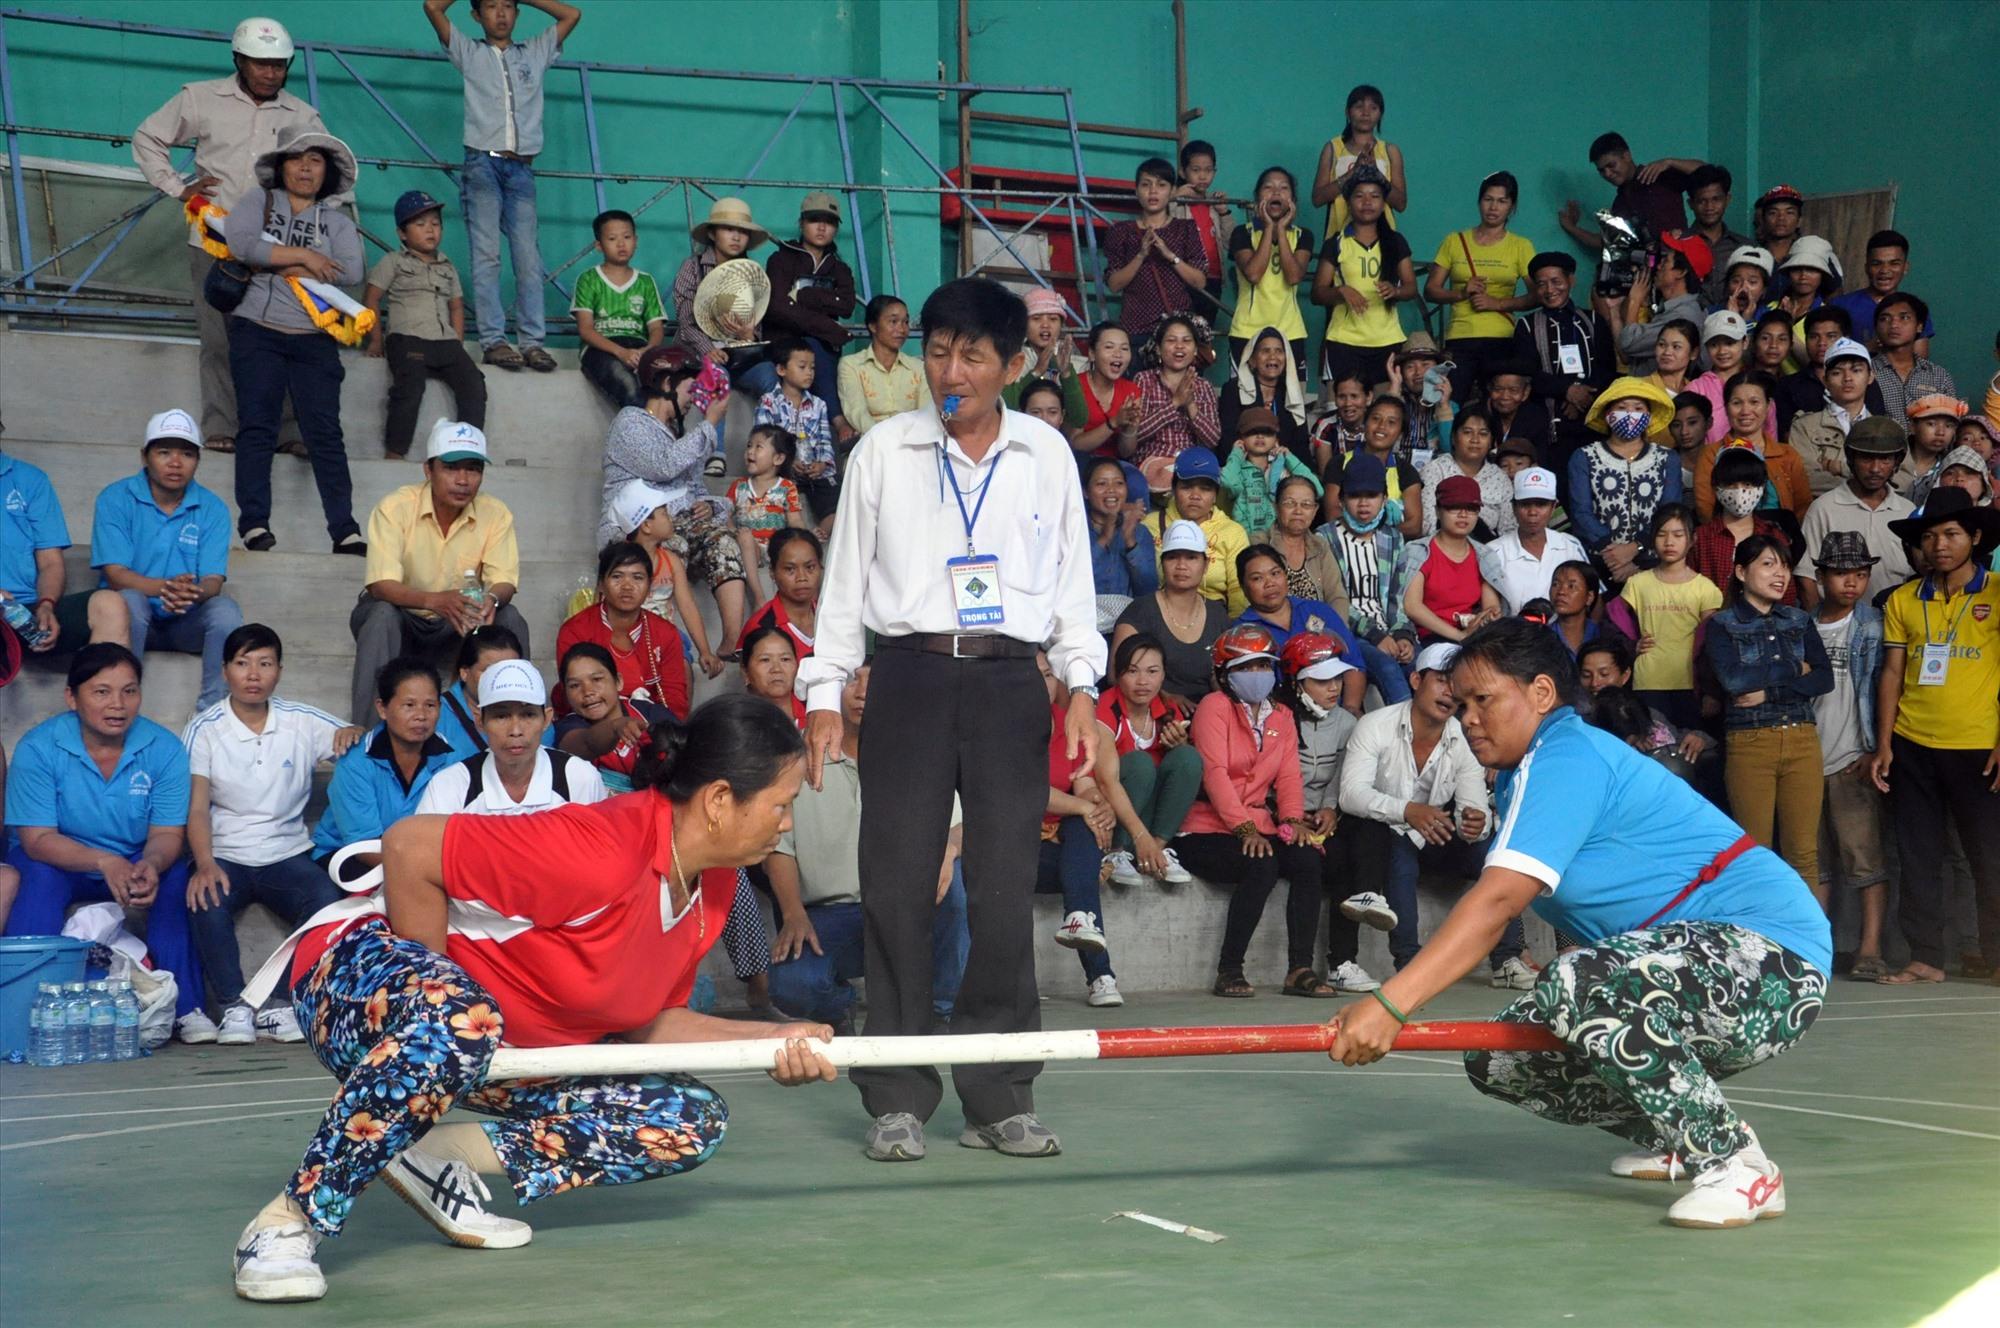 Đẩy gậy là một trong những môn được tổ chức tại hội thi. Ảnh: T.VY